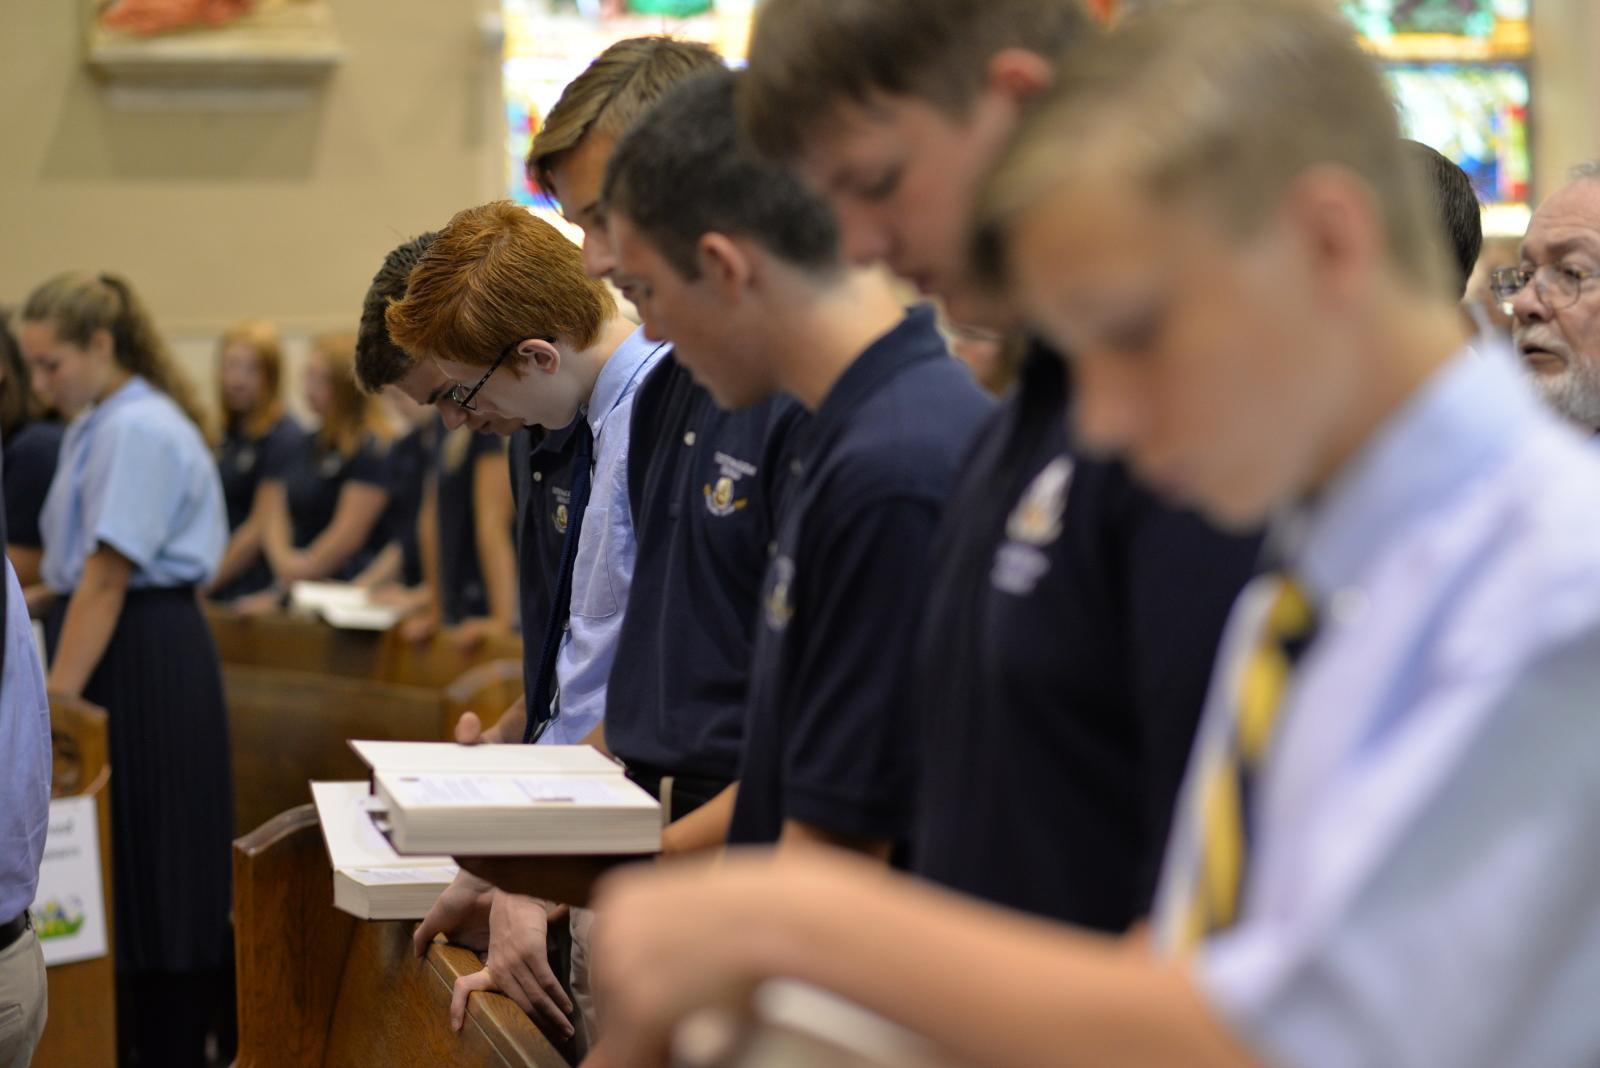 Boys at Mass 3.jpg